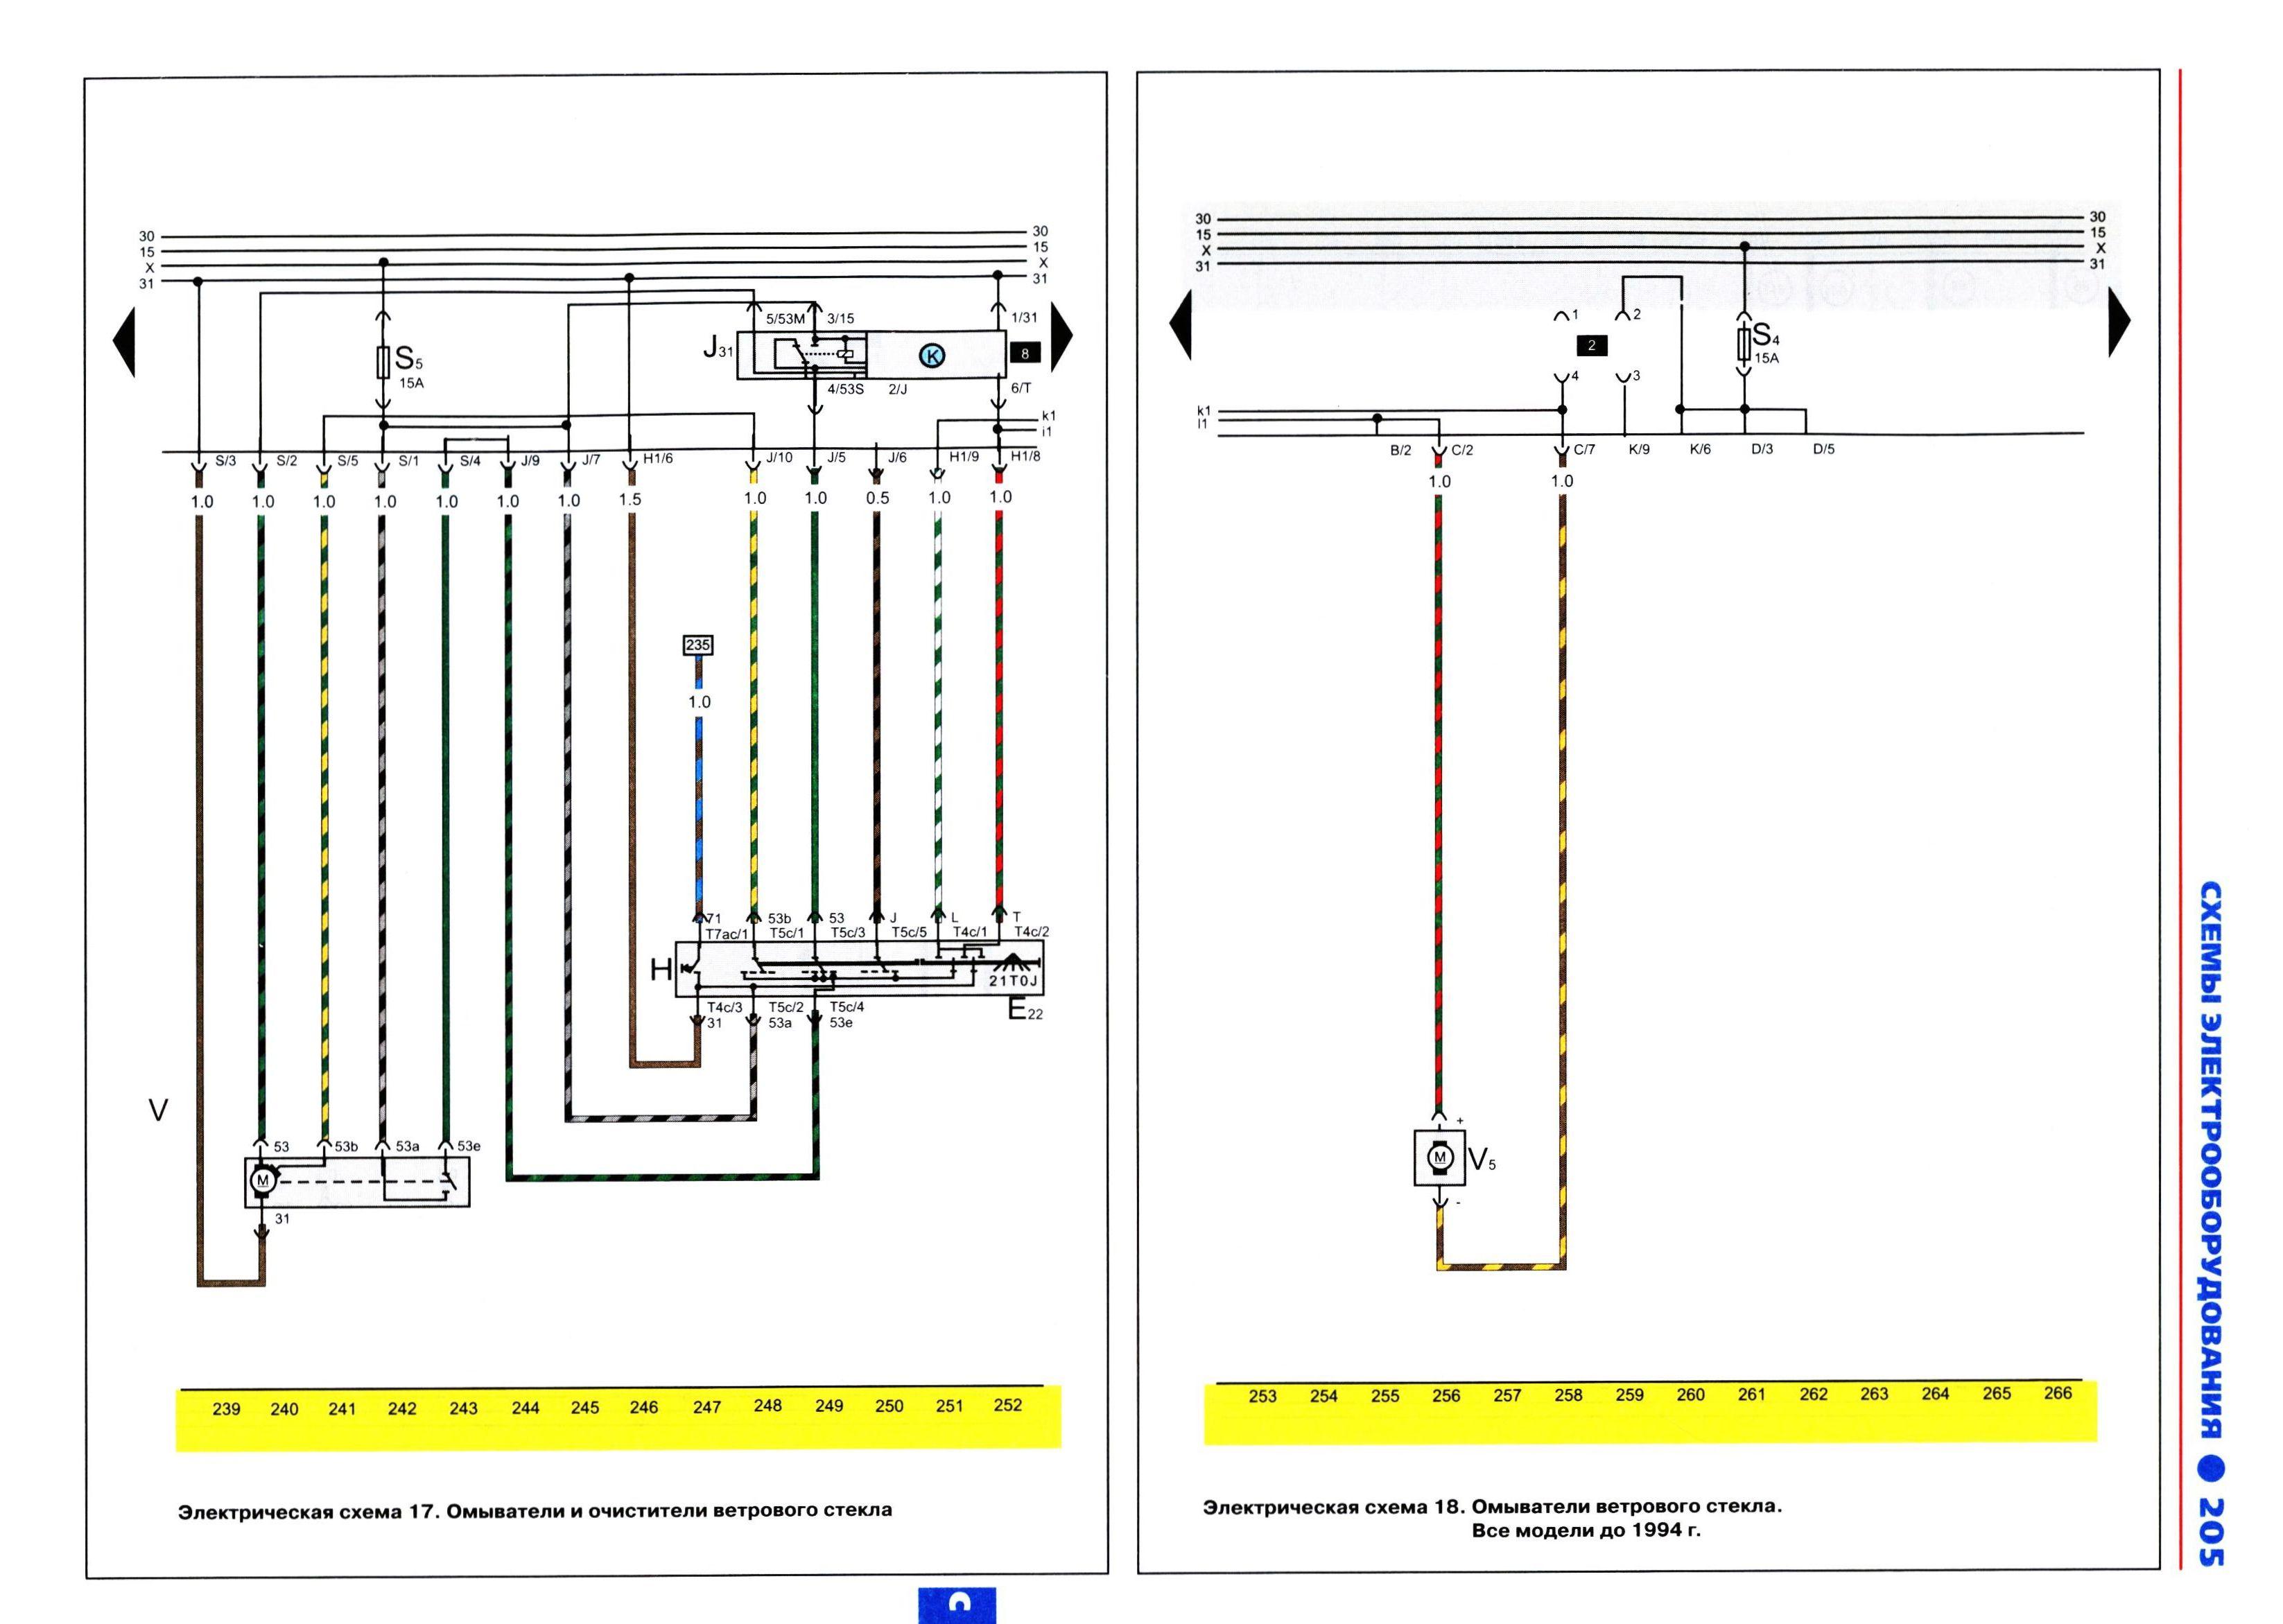 кварцевая лампа электроника уфо 01-250-н схема